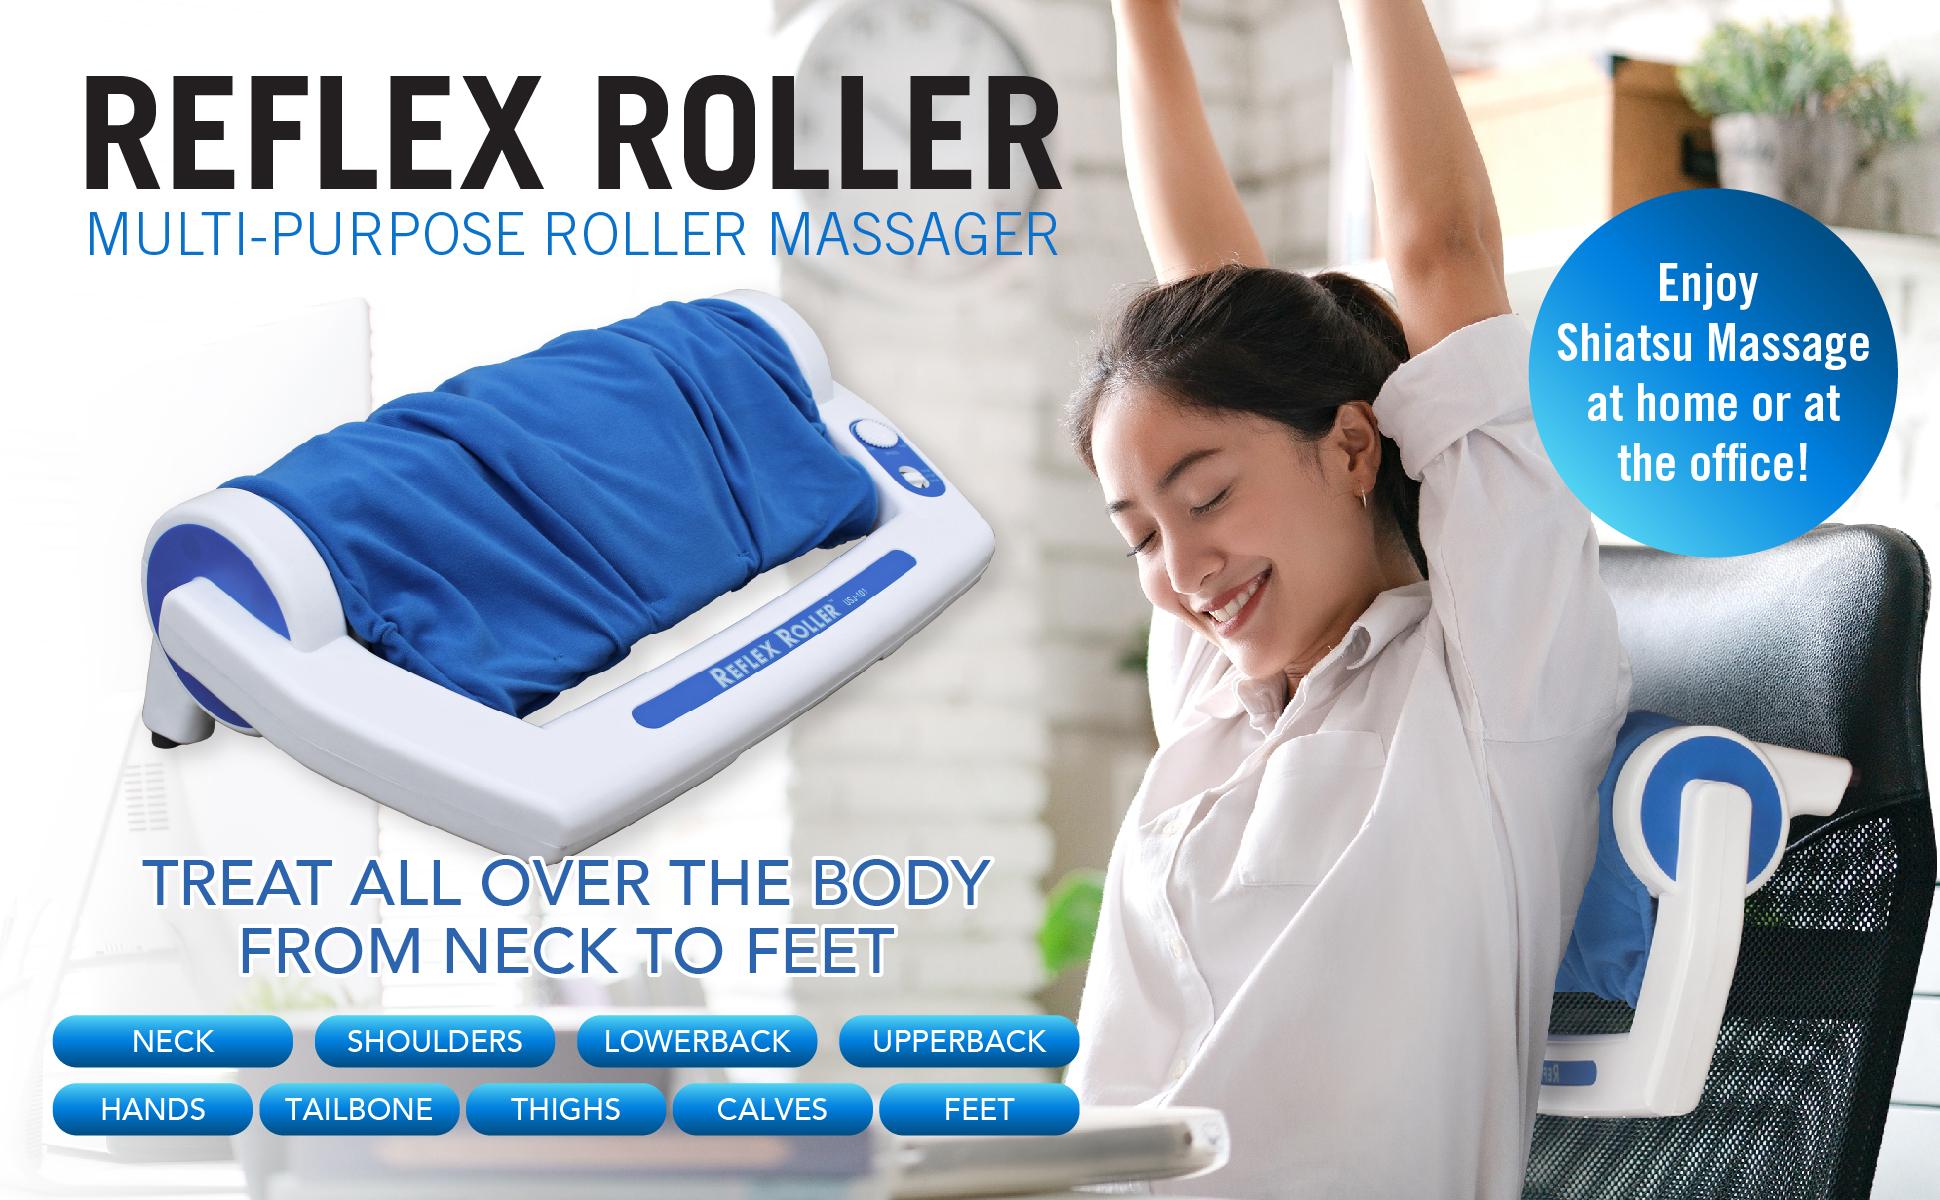 Reflex Roller